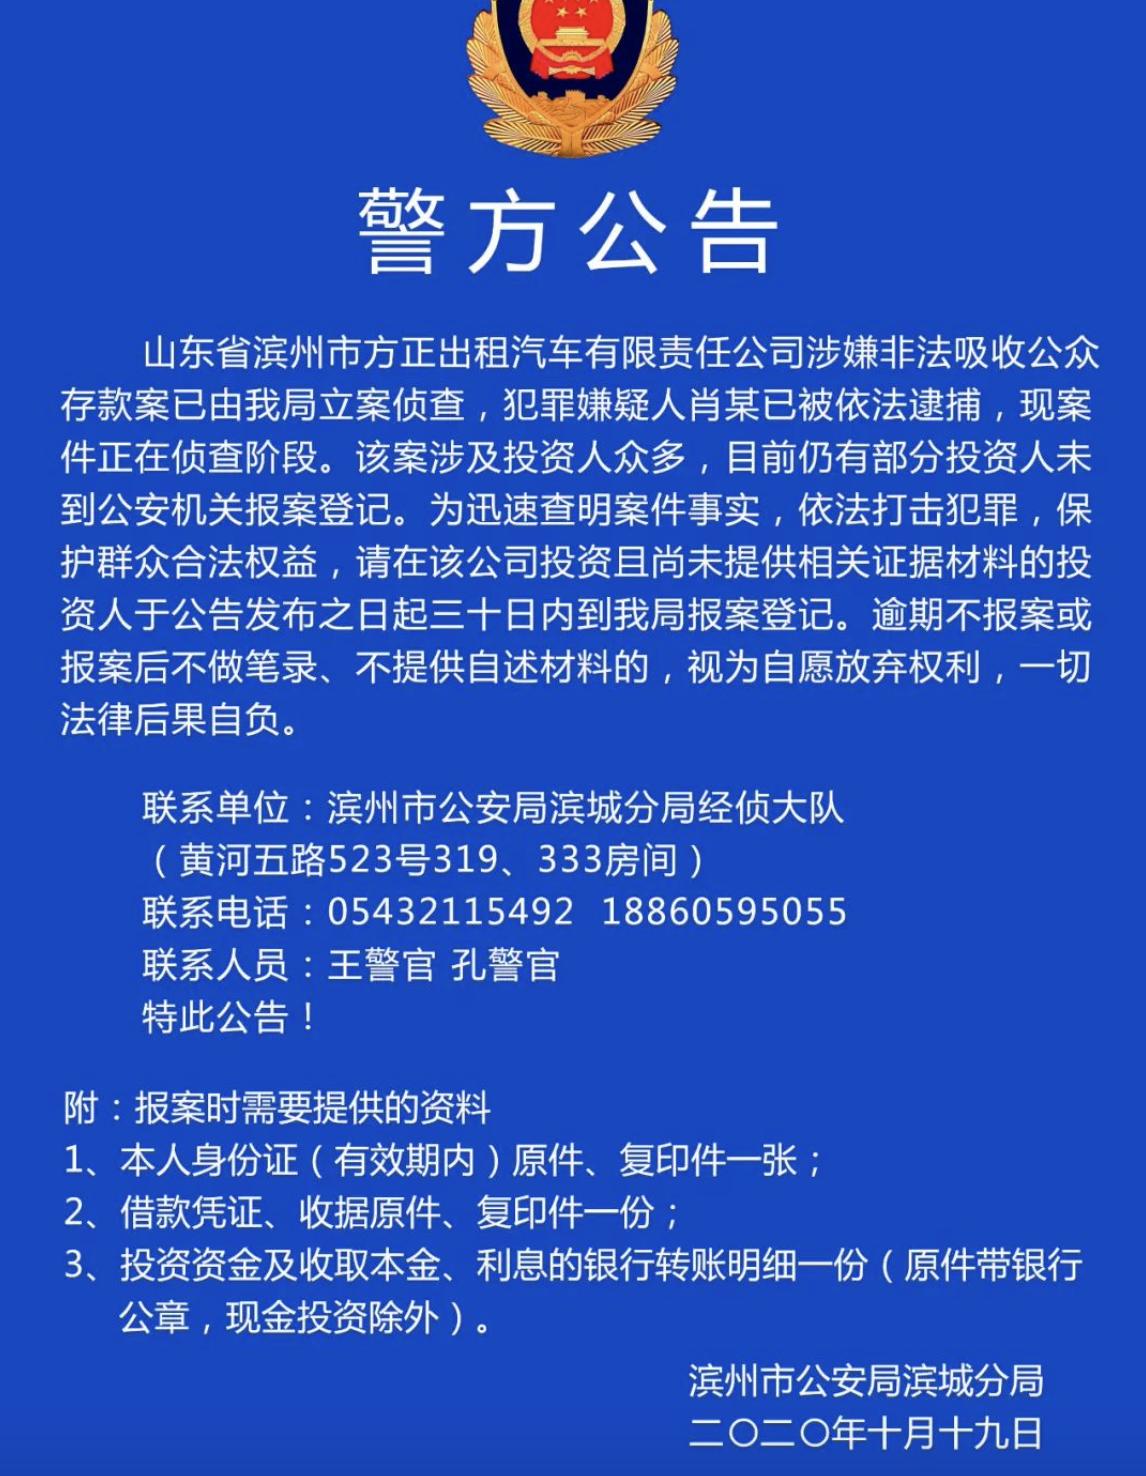 山东滨州一出租车公司涉嫌非法吸收公众存款案,已被立案调查